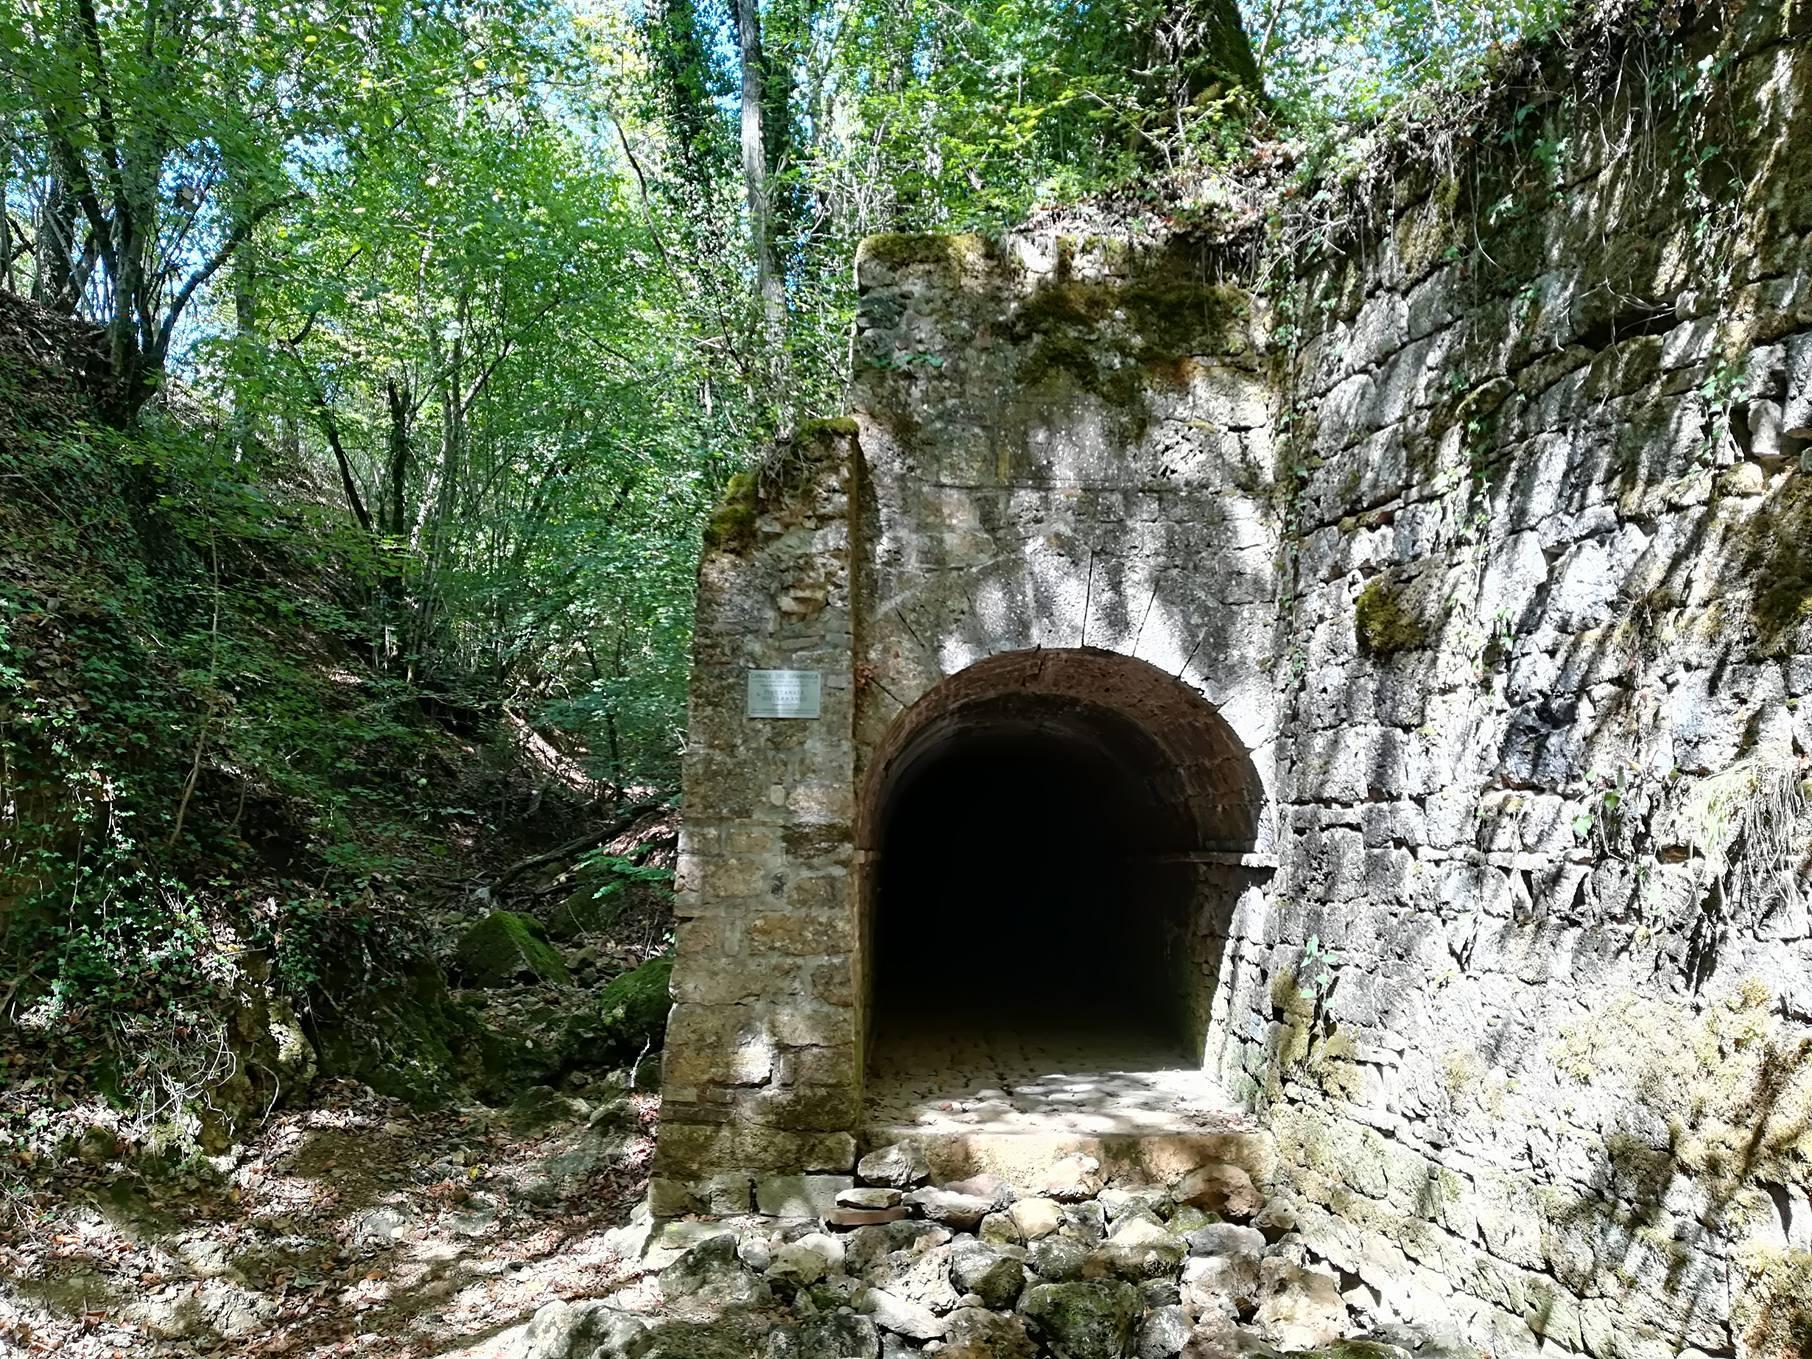 Il canale del Granduca o Tunnel del Granduca